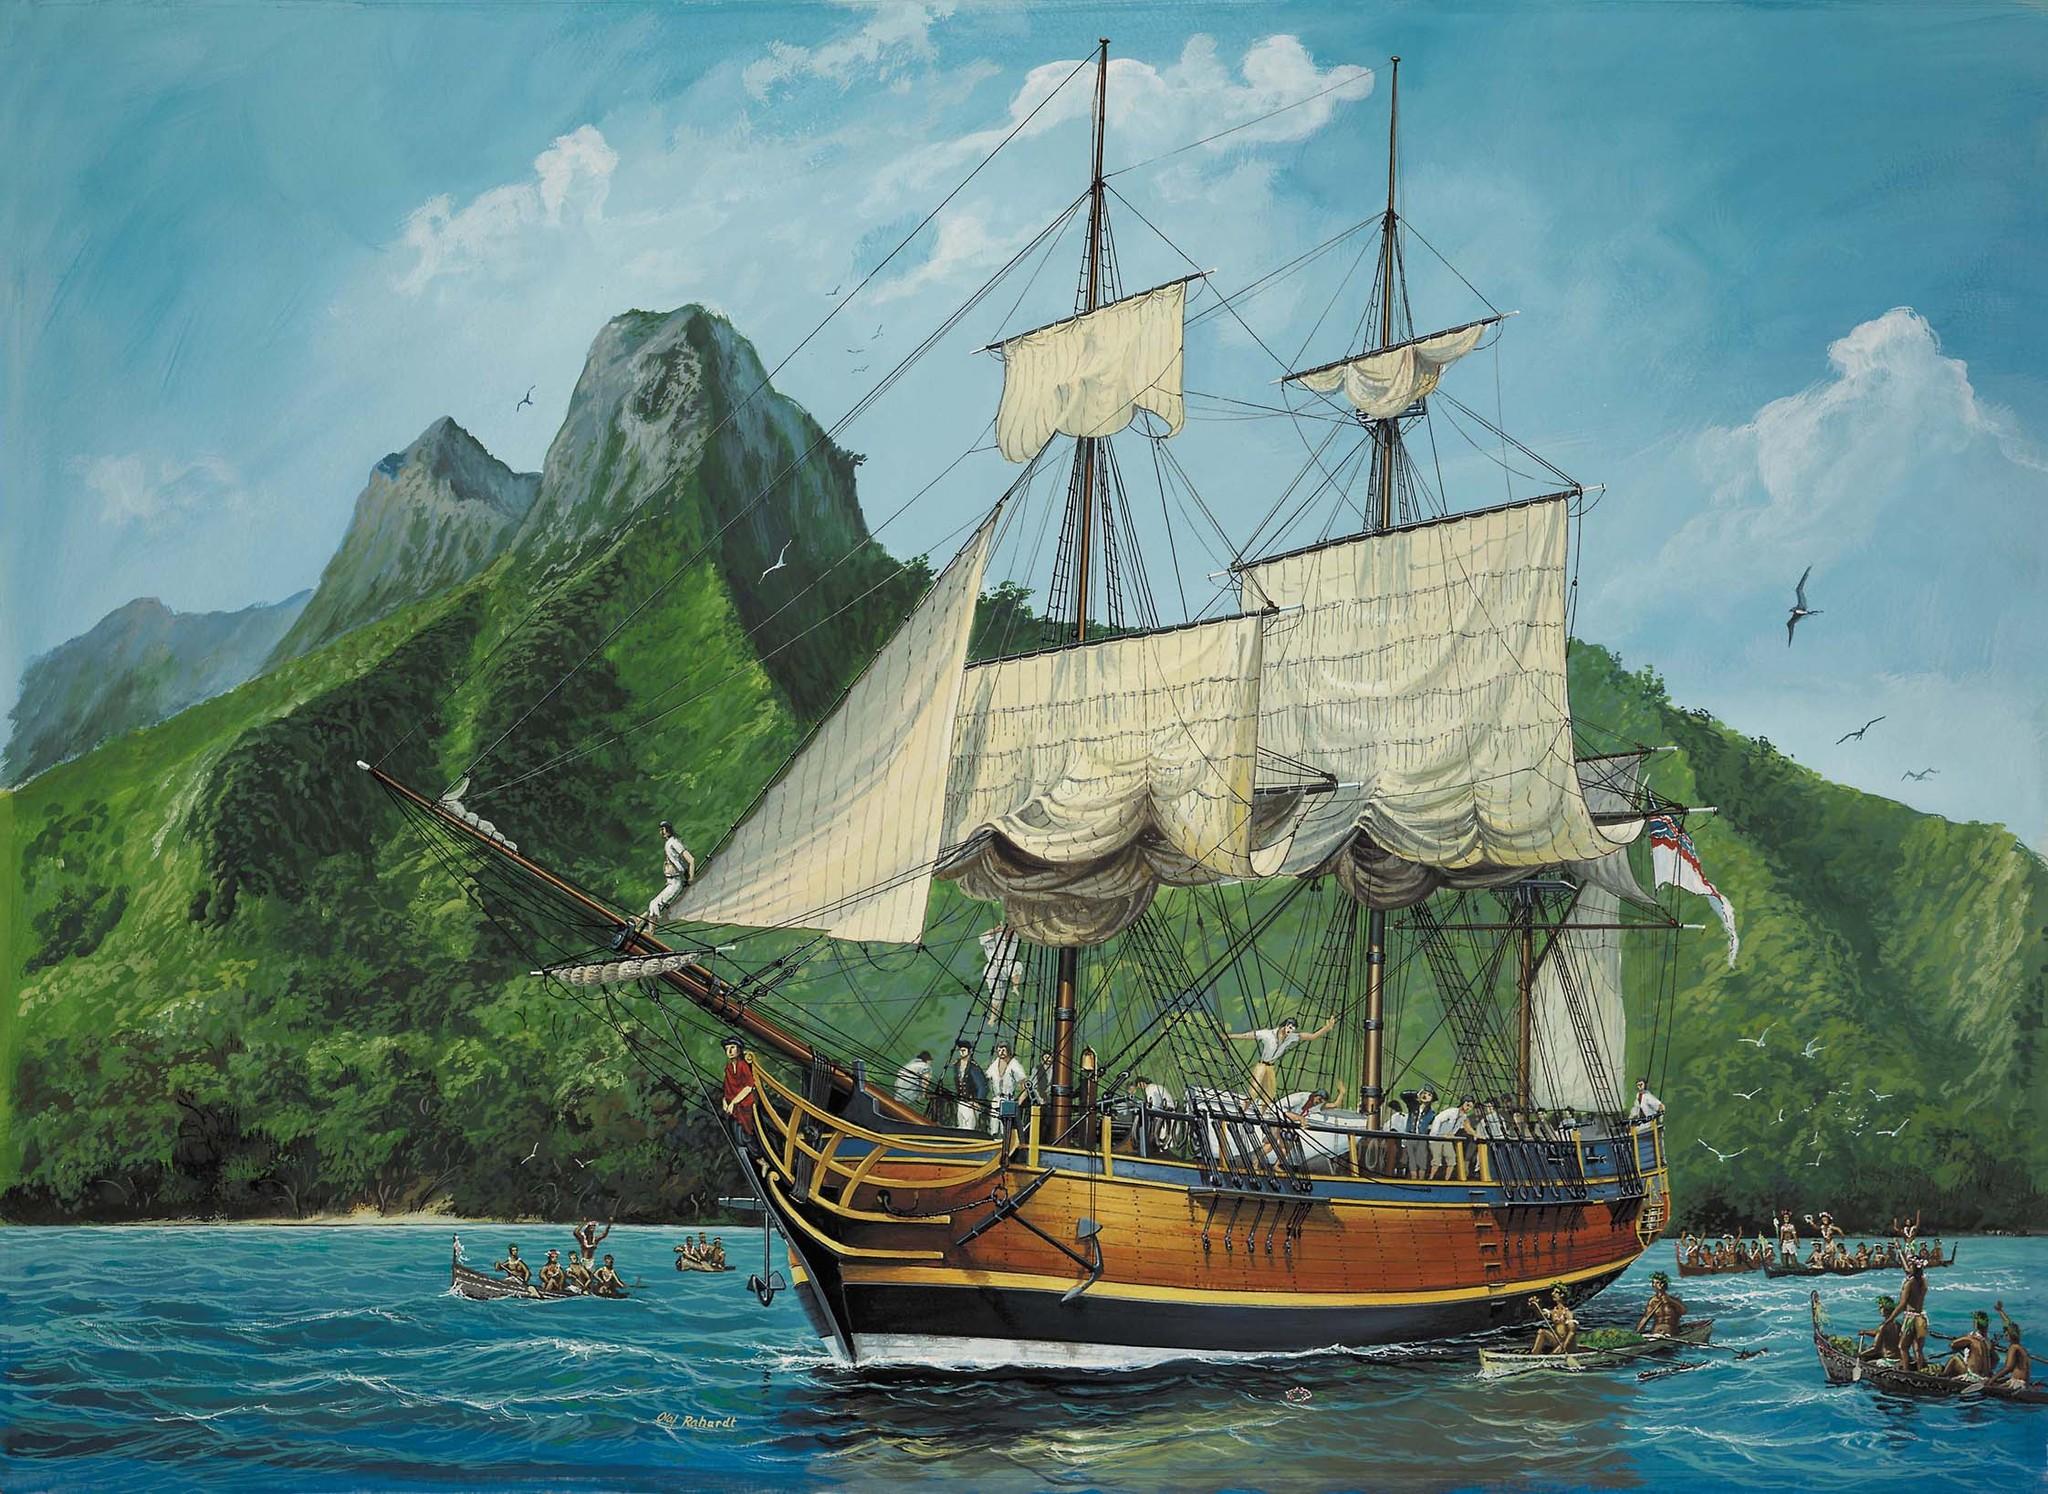 HMAV Bounty landing at Tahiti.